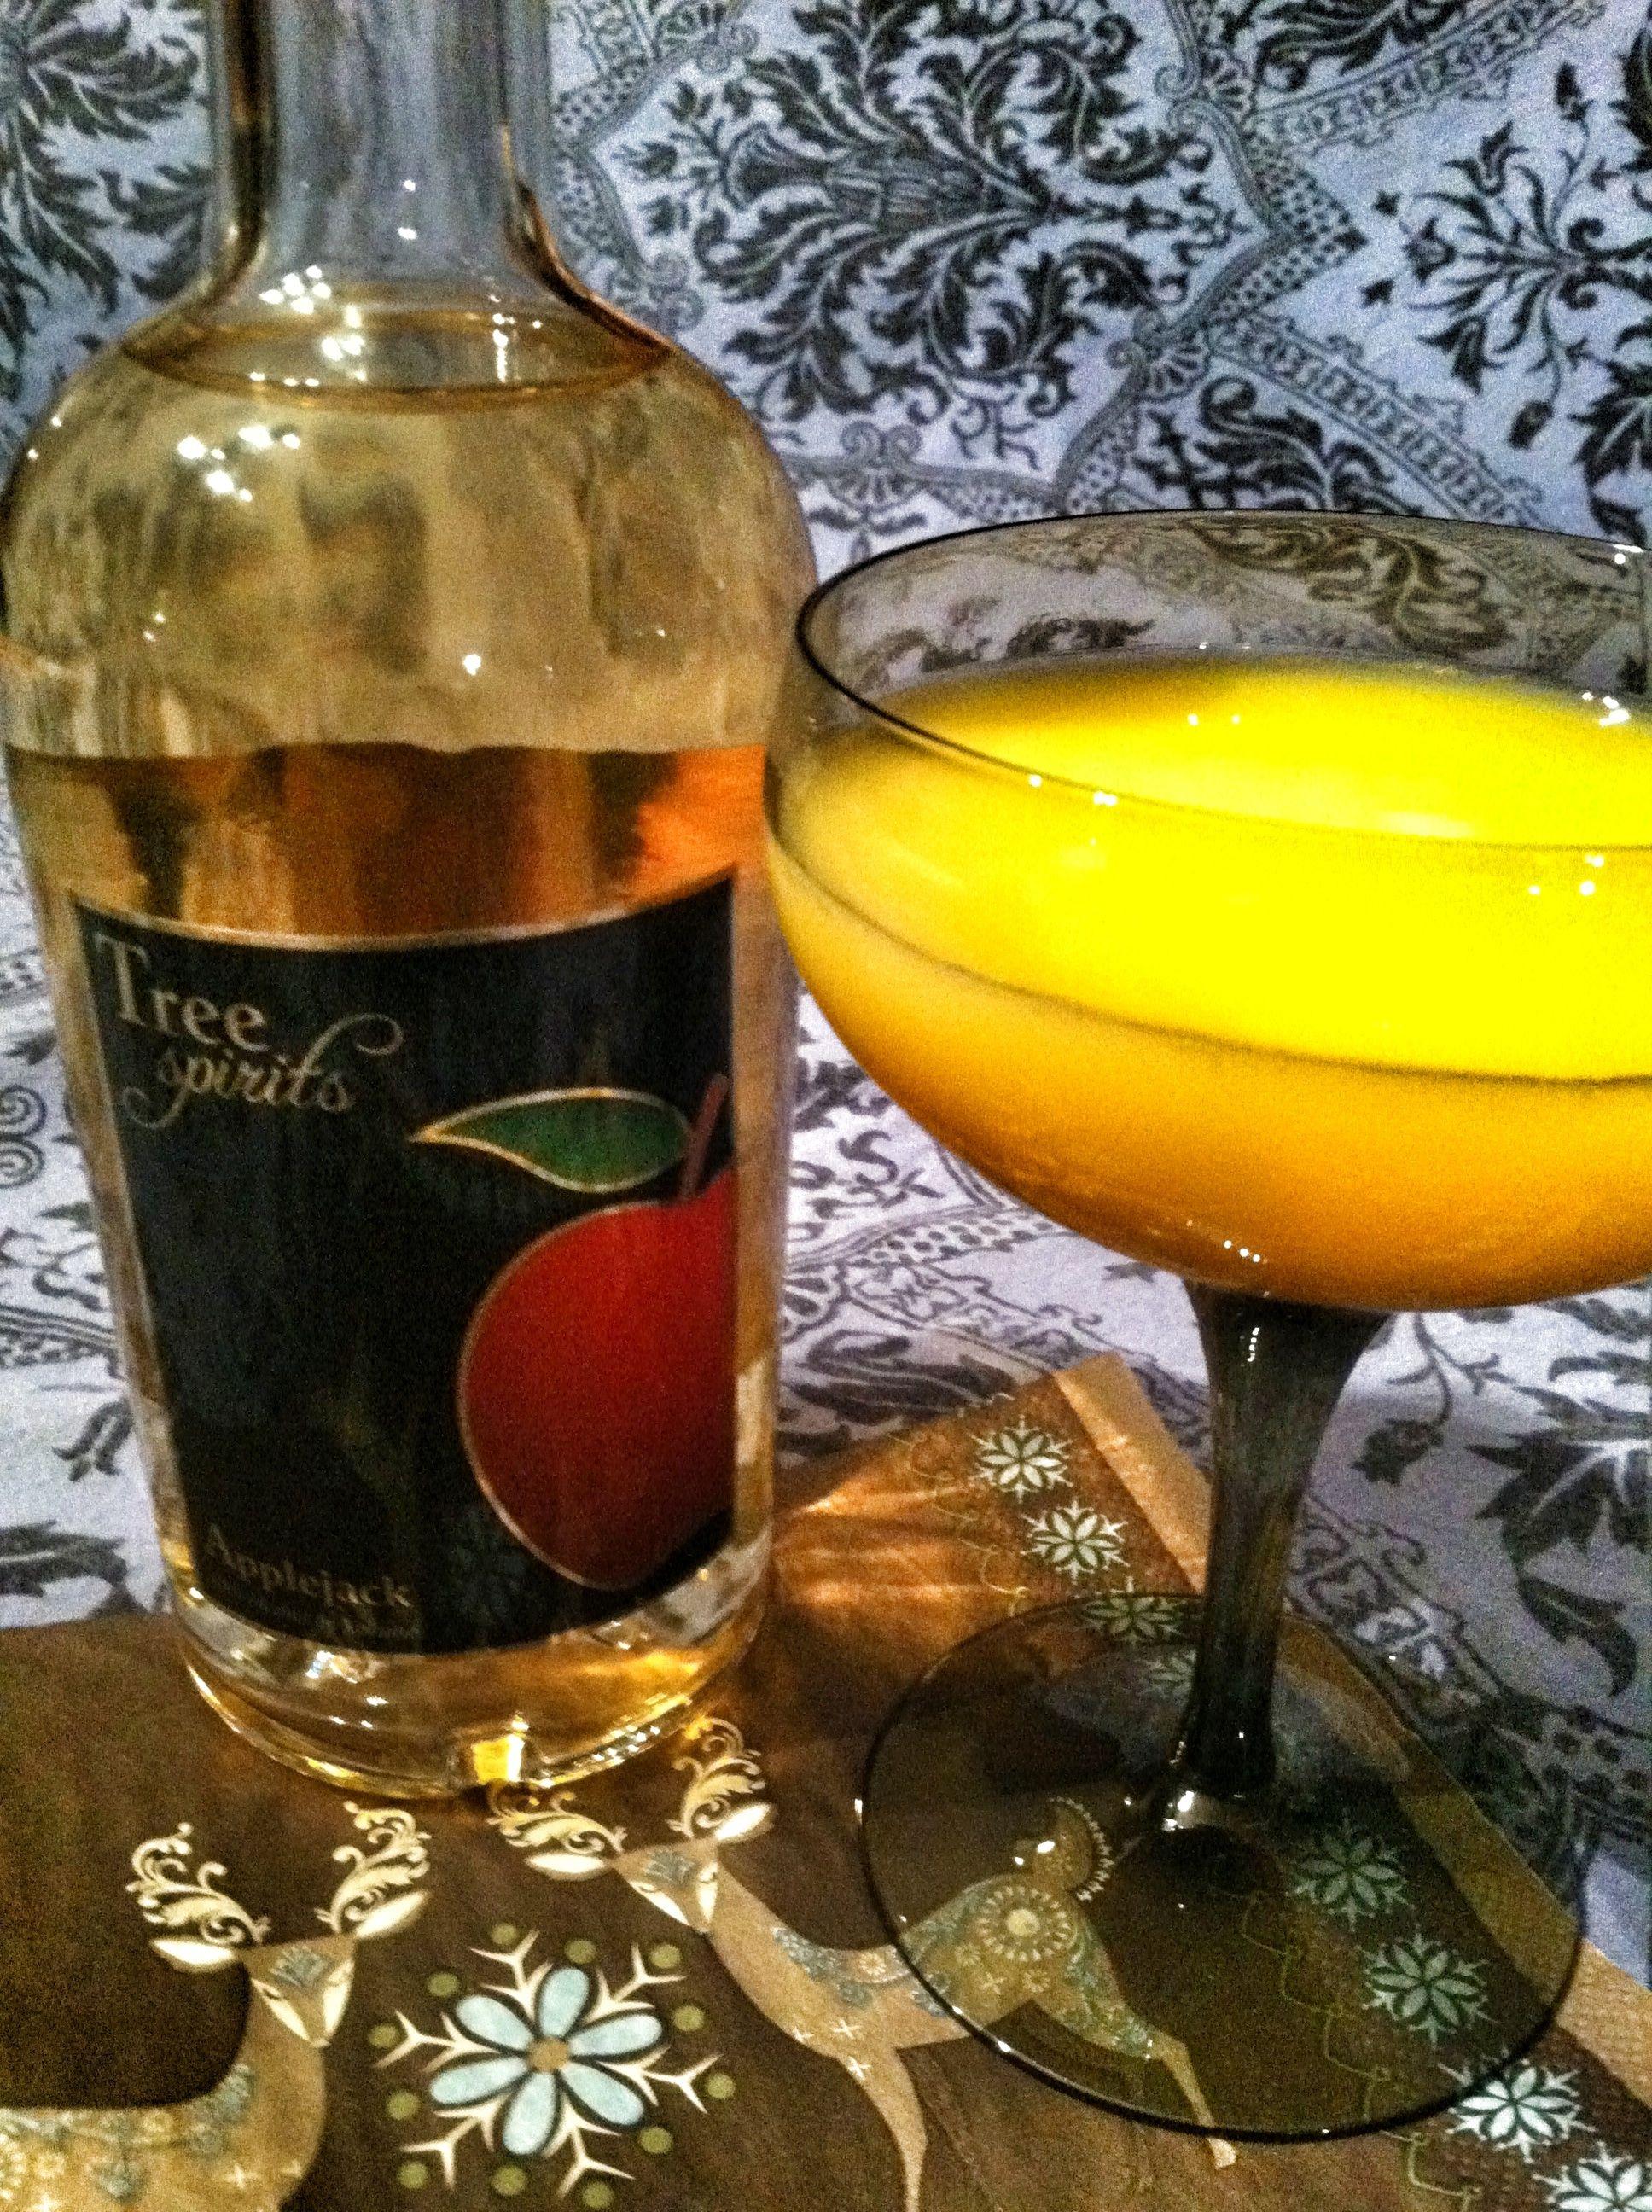 Tree Spirits Applejack Rabbit Applejack, Popular drinks